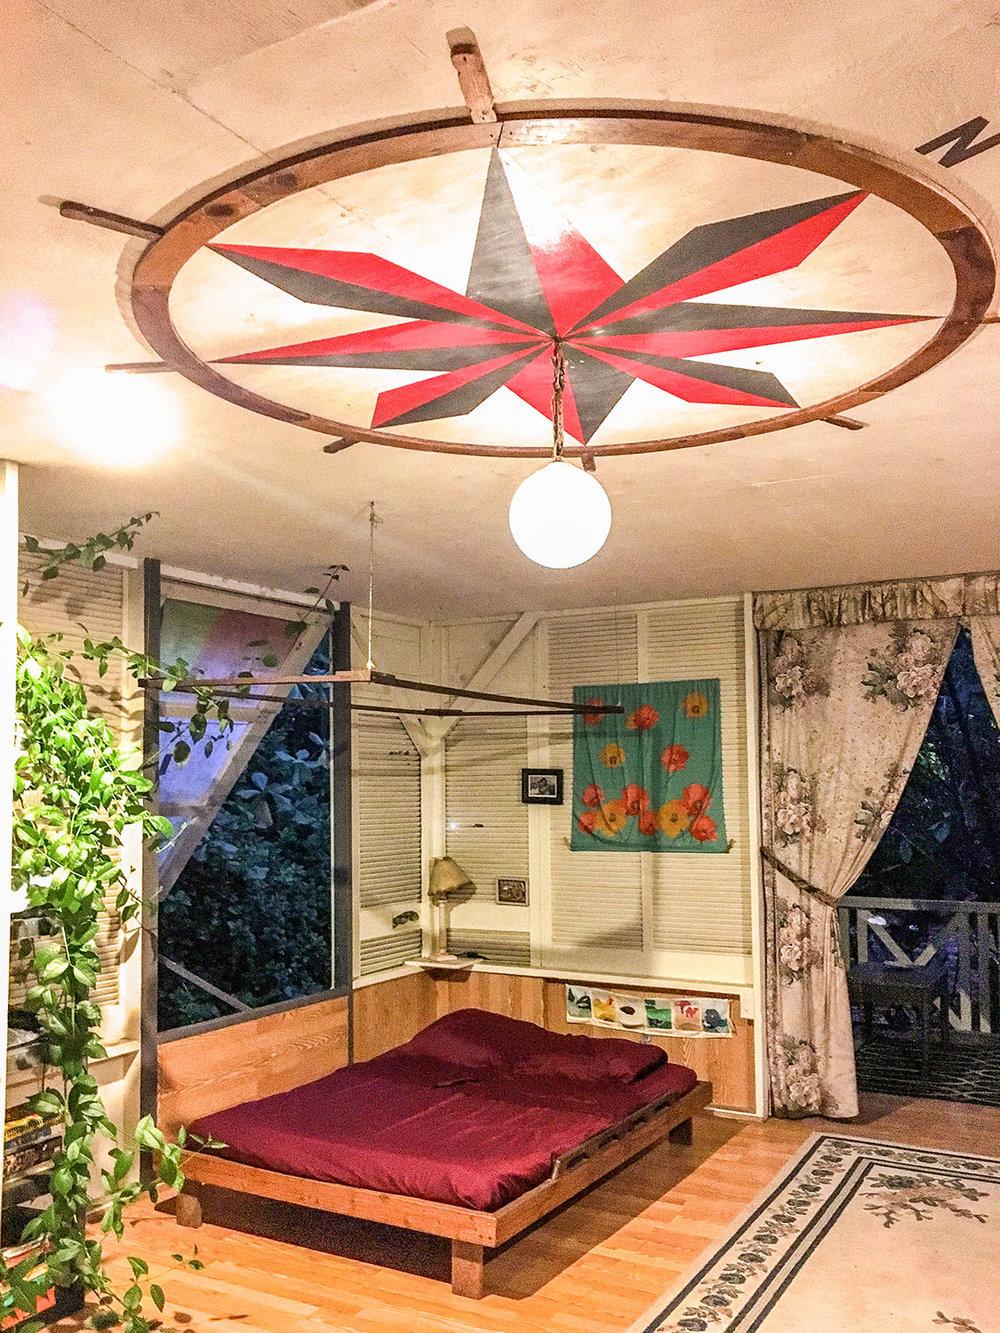 Our guest room at A La Belle Etolie, Pegasus Lodges.jpg